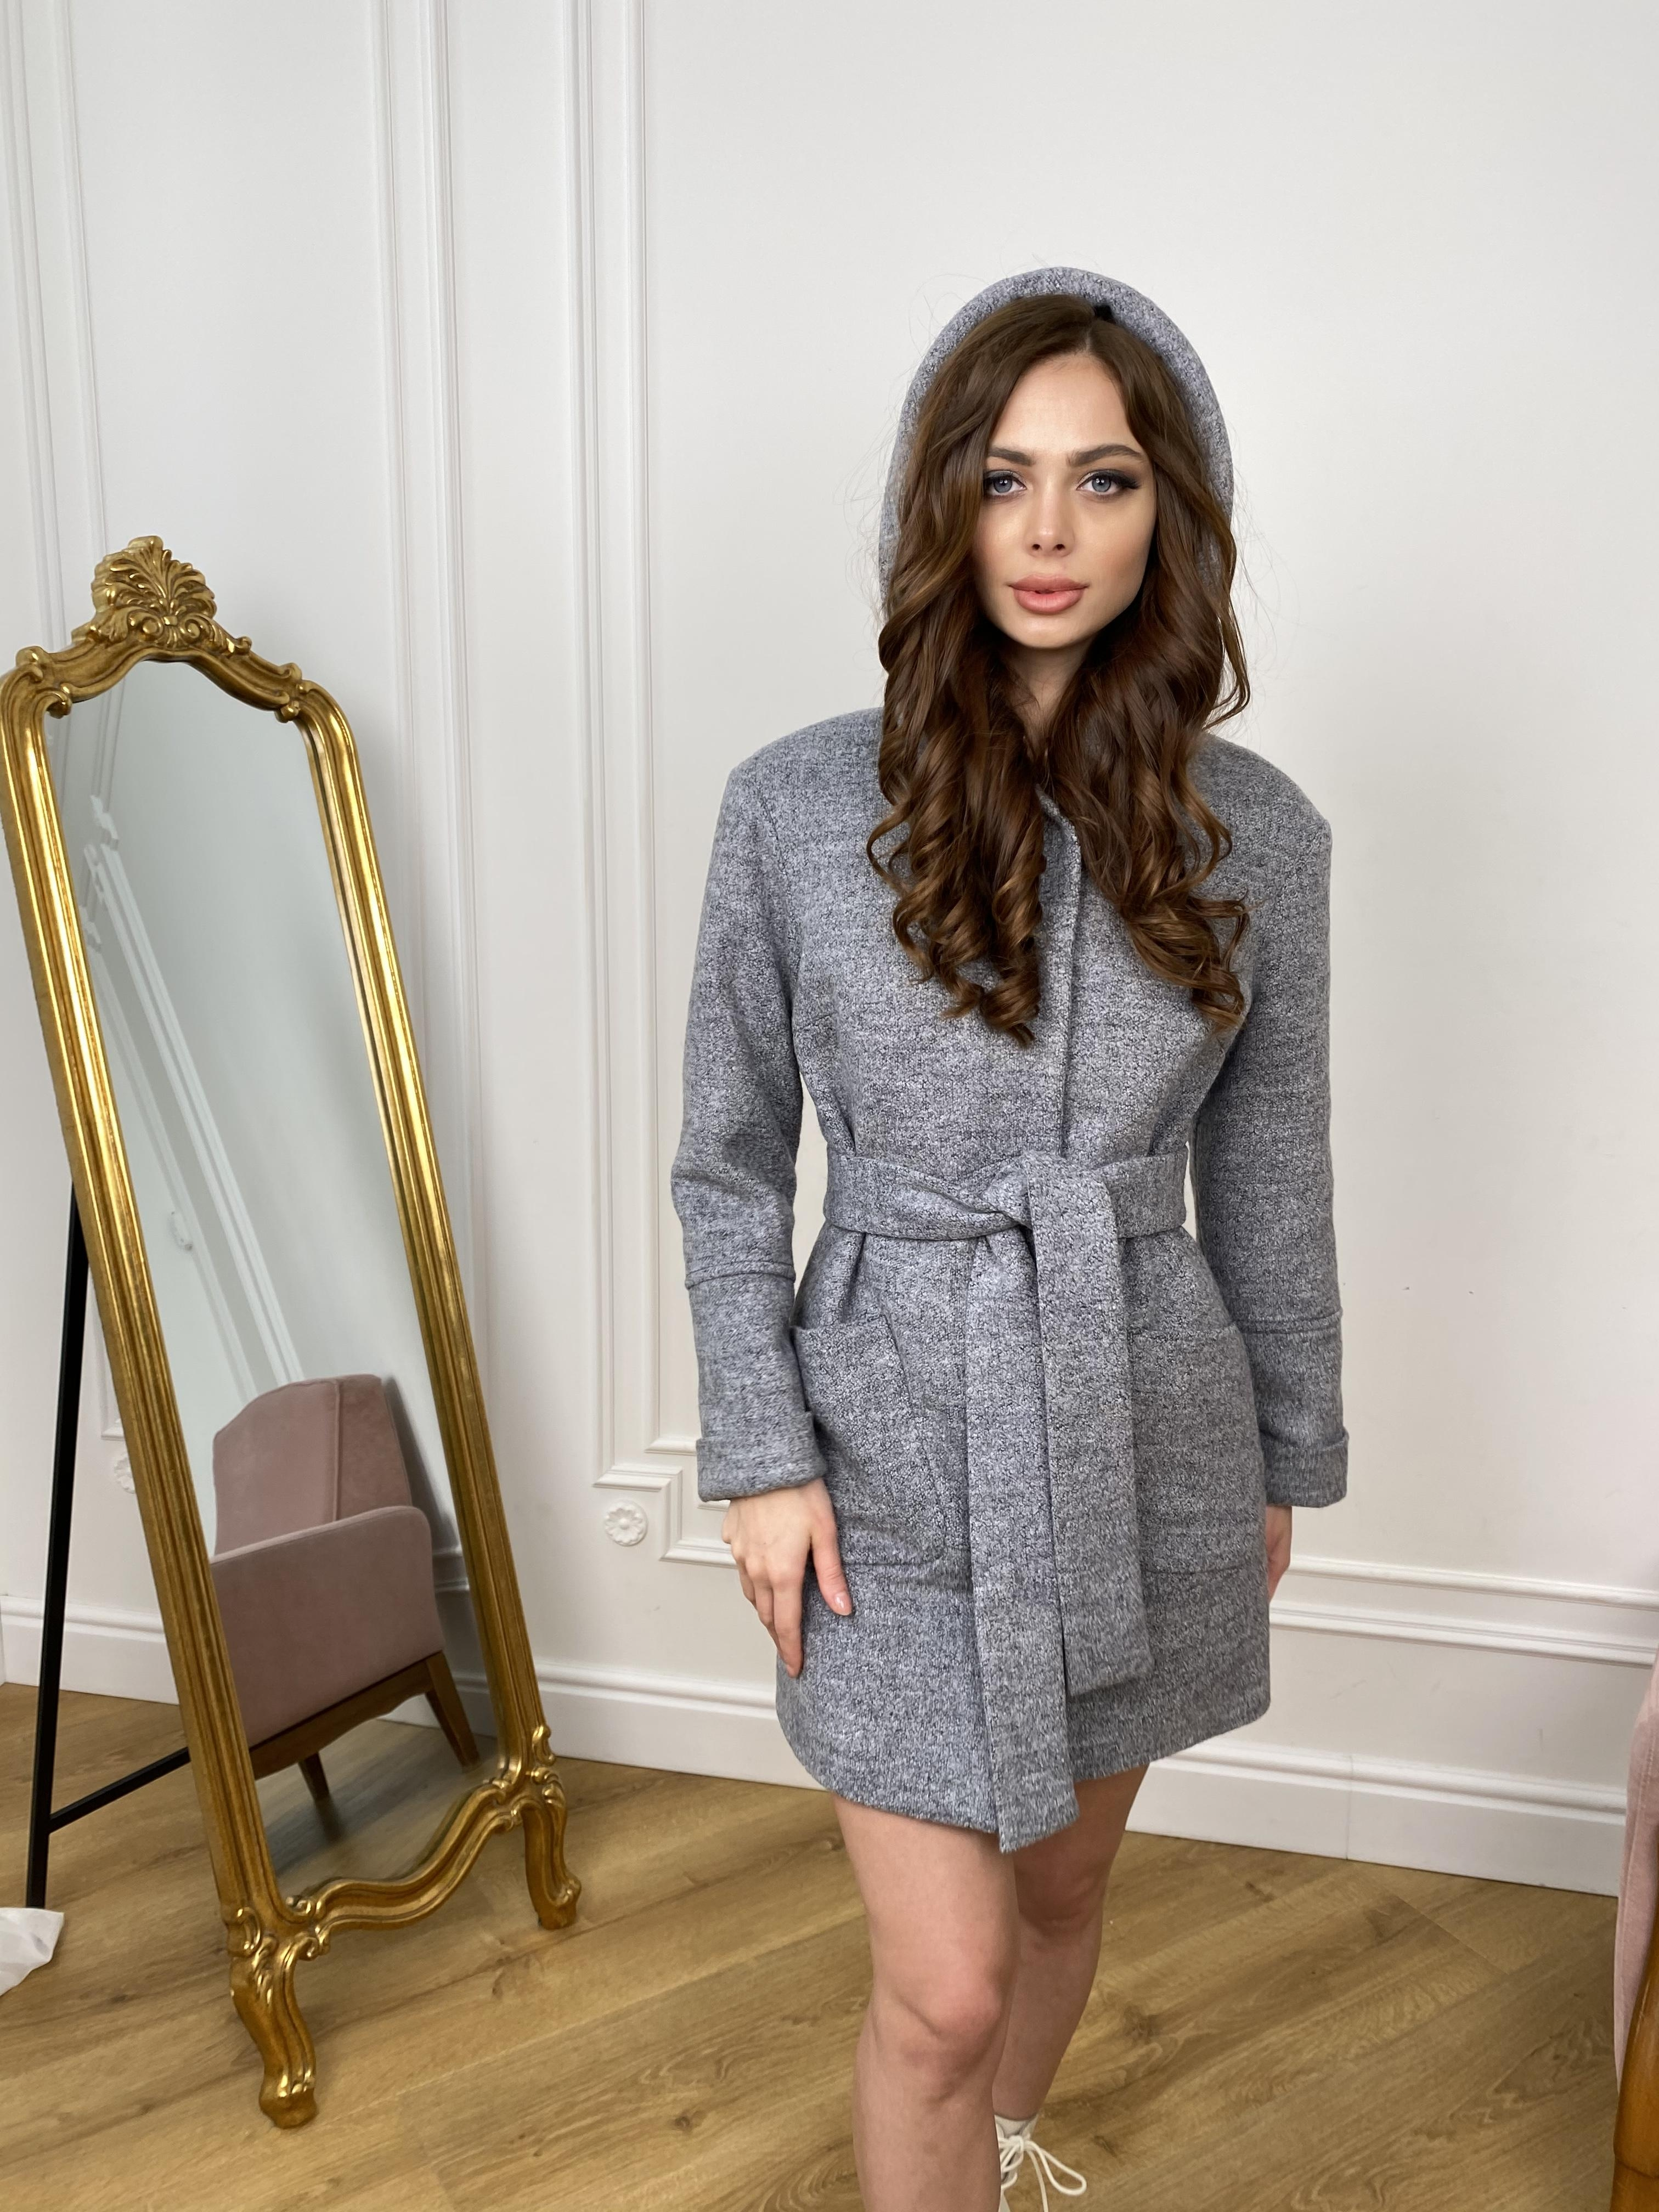 Пальто Анита 9934 АРТ. 46219 Цвет: Серый 48 - фото 2, интернет магазин tm-modus.ru